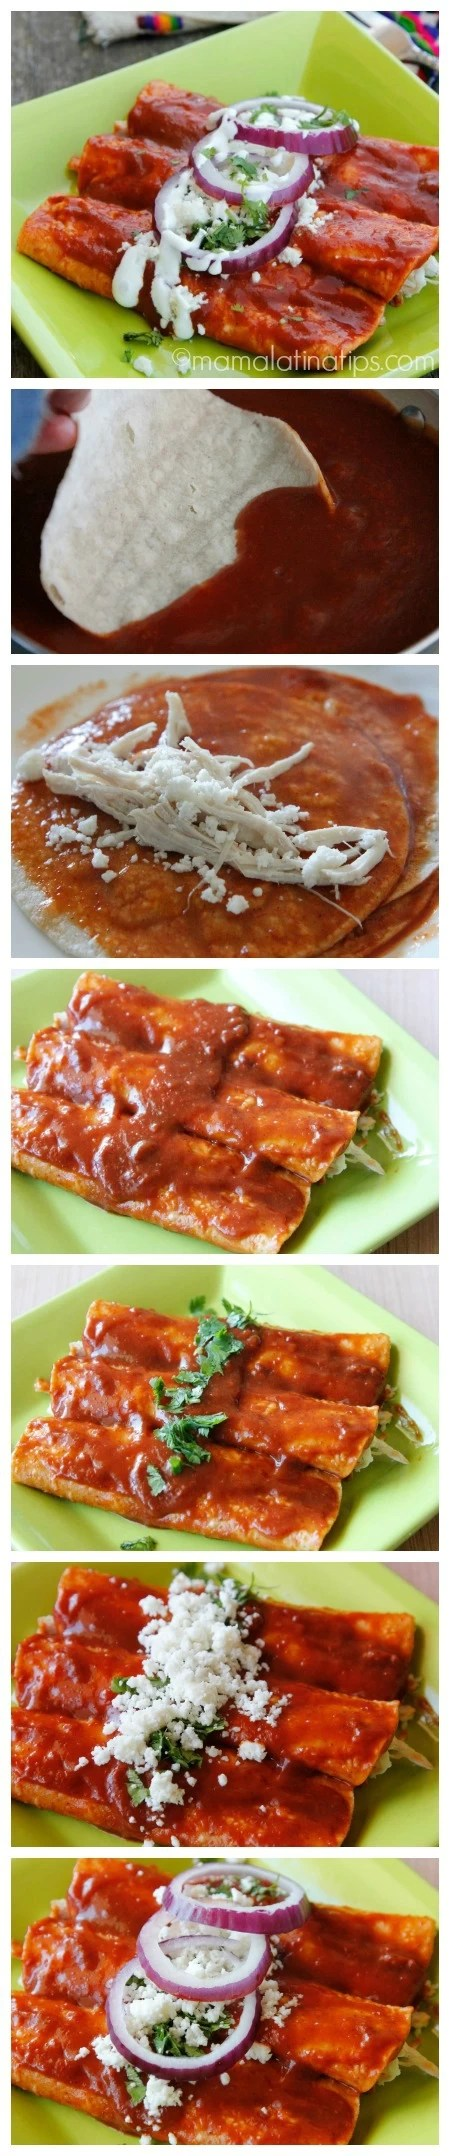 Chipotle enchiladas step by step - mamalatinatips.com